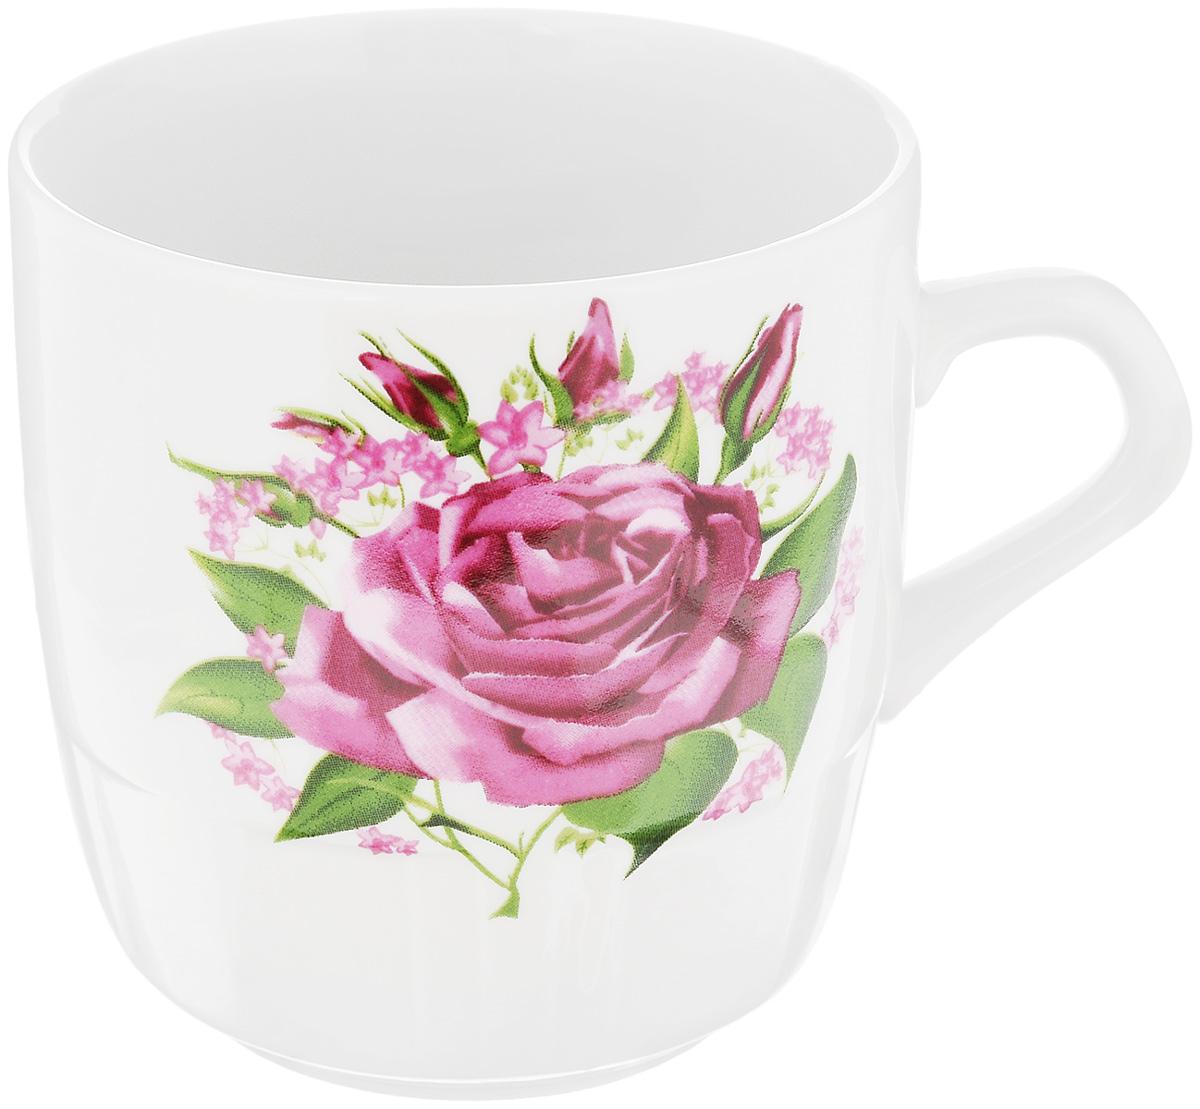 Кружка Фарфор Вербилок Розовые бутоны, 250 мл5811060Кружка Фарфор Вербилок Розовые бутоны способна скрасить любое чаепитие. Изделие выполнено из высококачественного фарфора. Посуда из такого материала позволяет сохранить истинный вкус напитка, а также помогает ему дольше оставаться теплым.Диаметр по верхнему краю: 8 см.Высота кружки: 8,5 см.